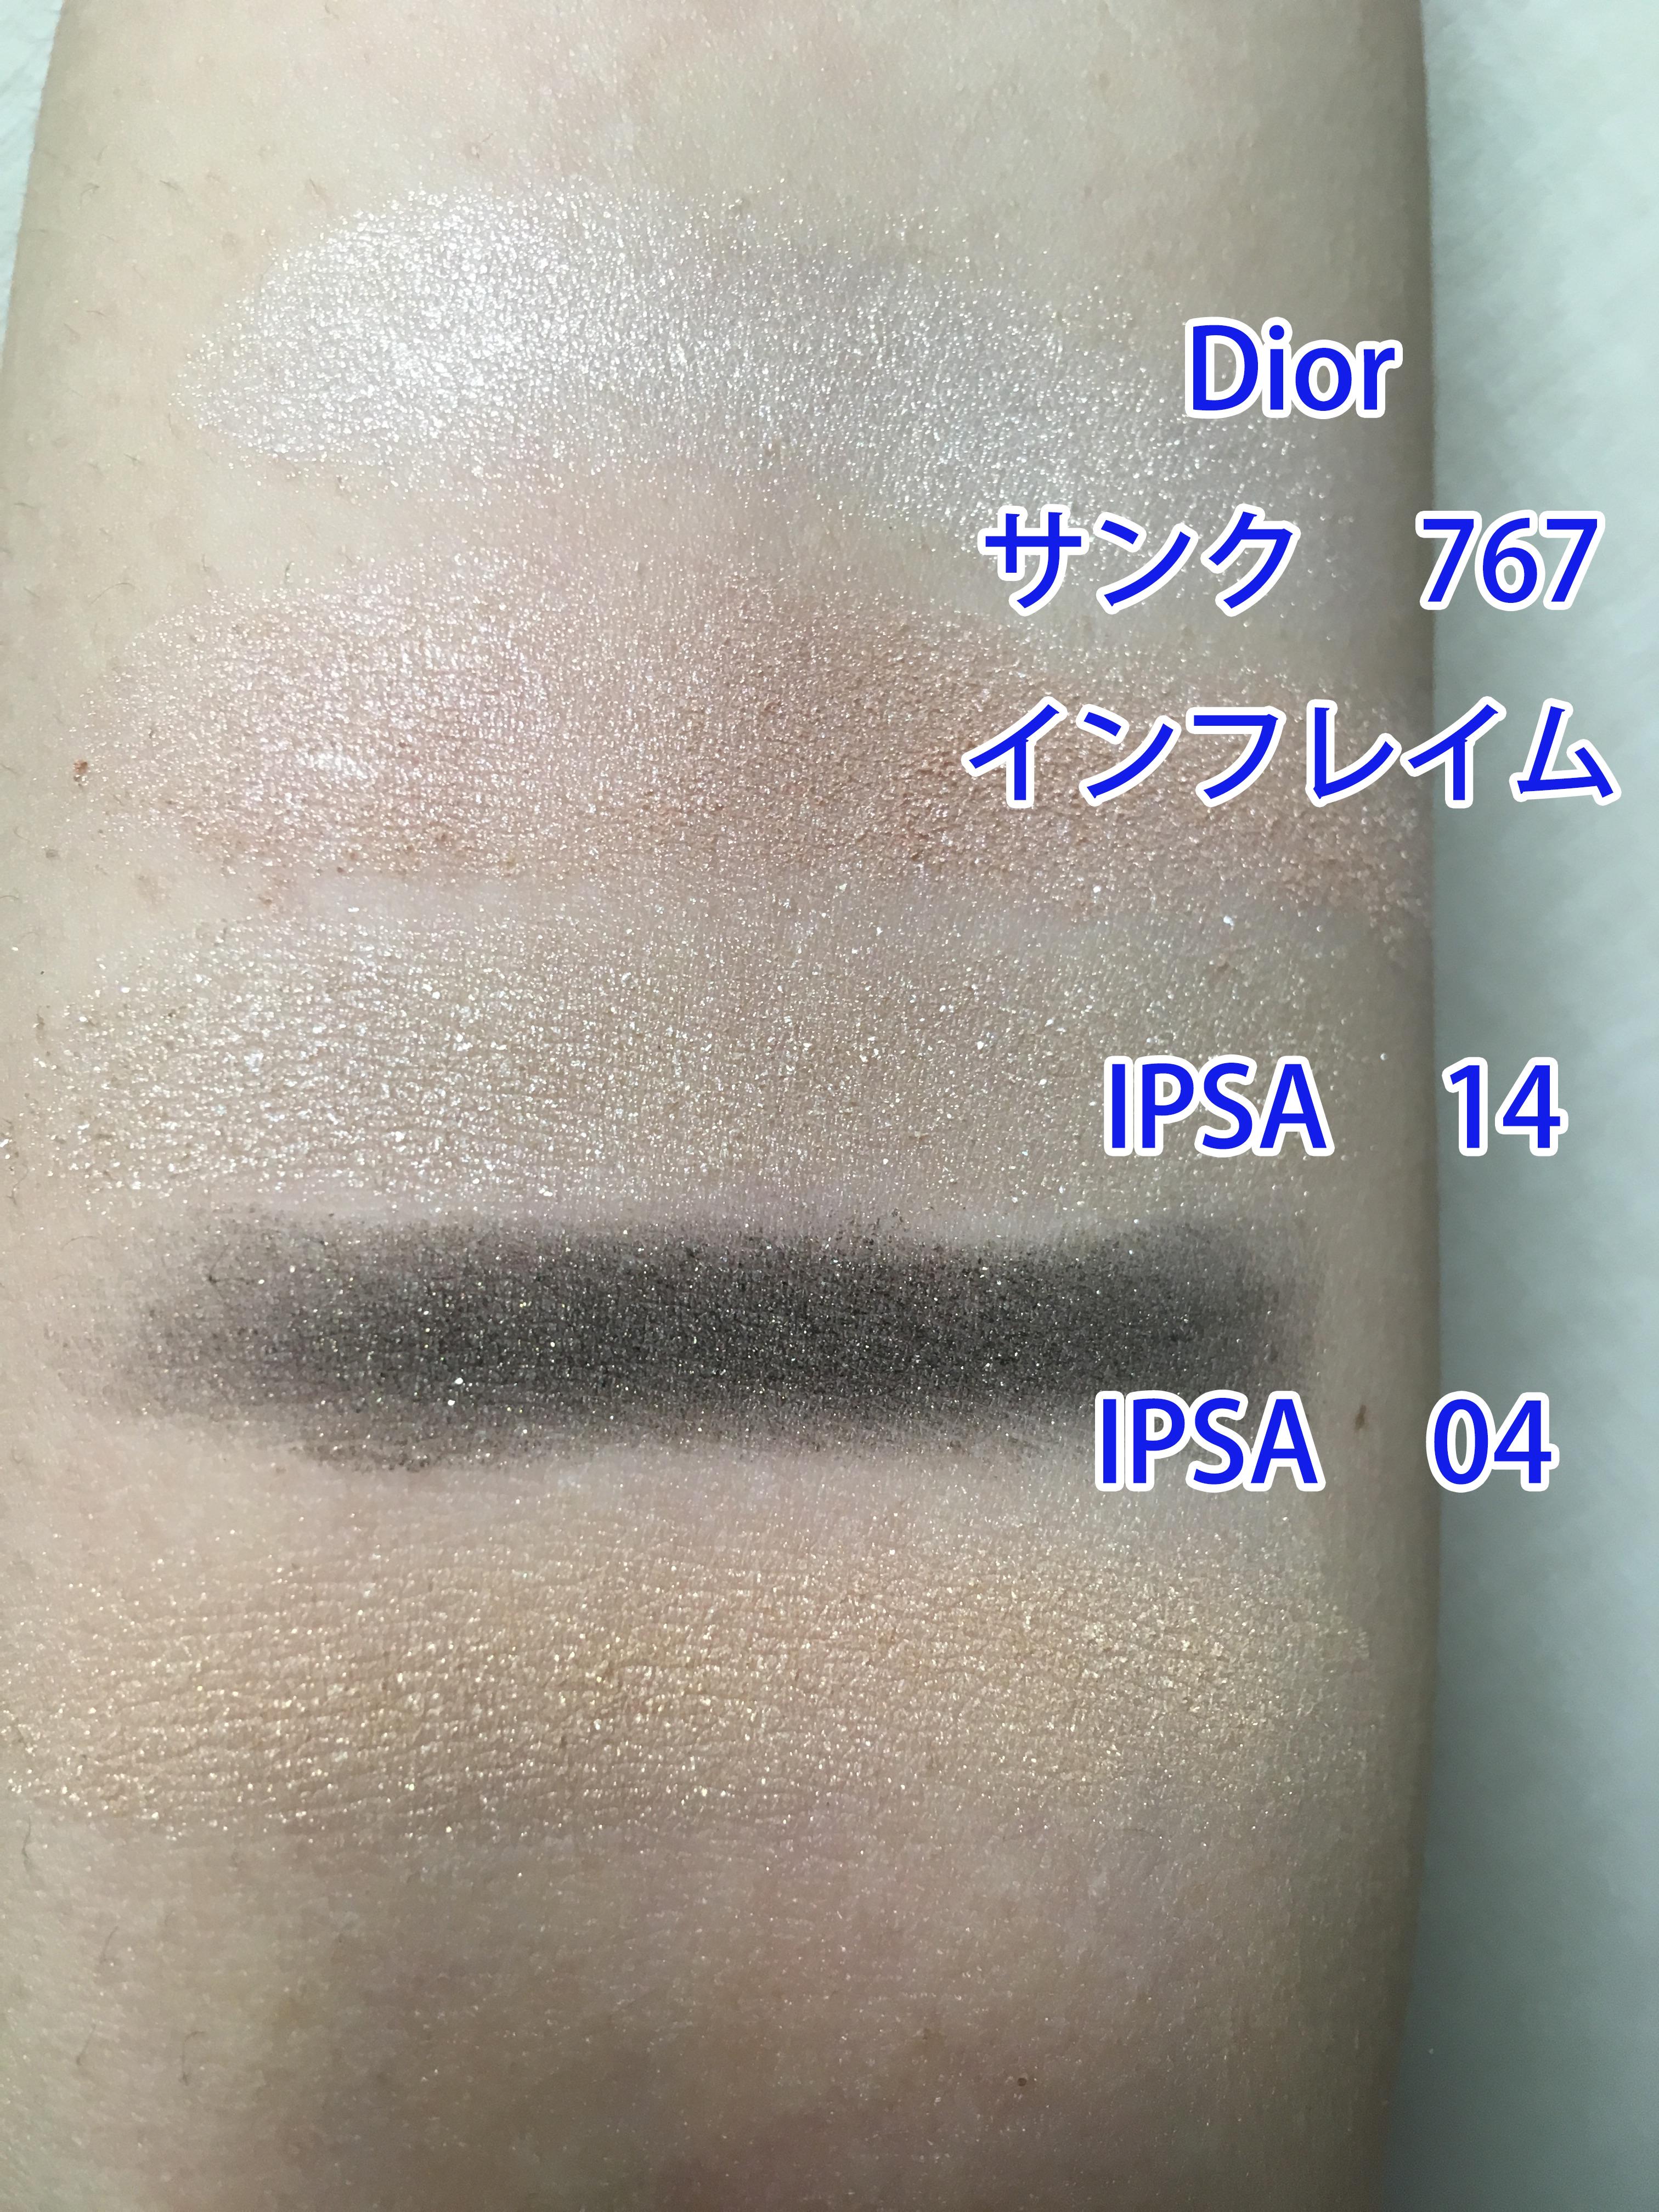 ipsa イプサ Dior ディオール サンククルール アイシャドウ スウォッチ 比較